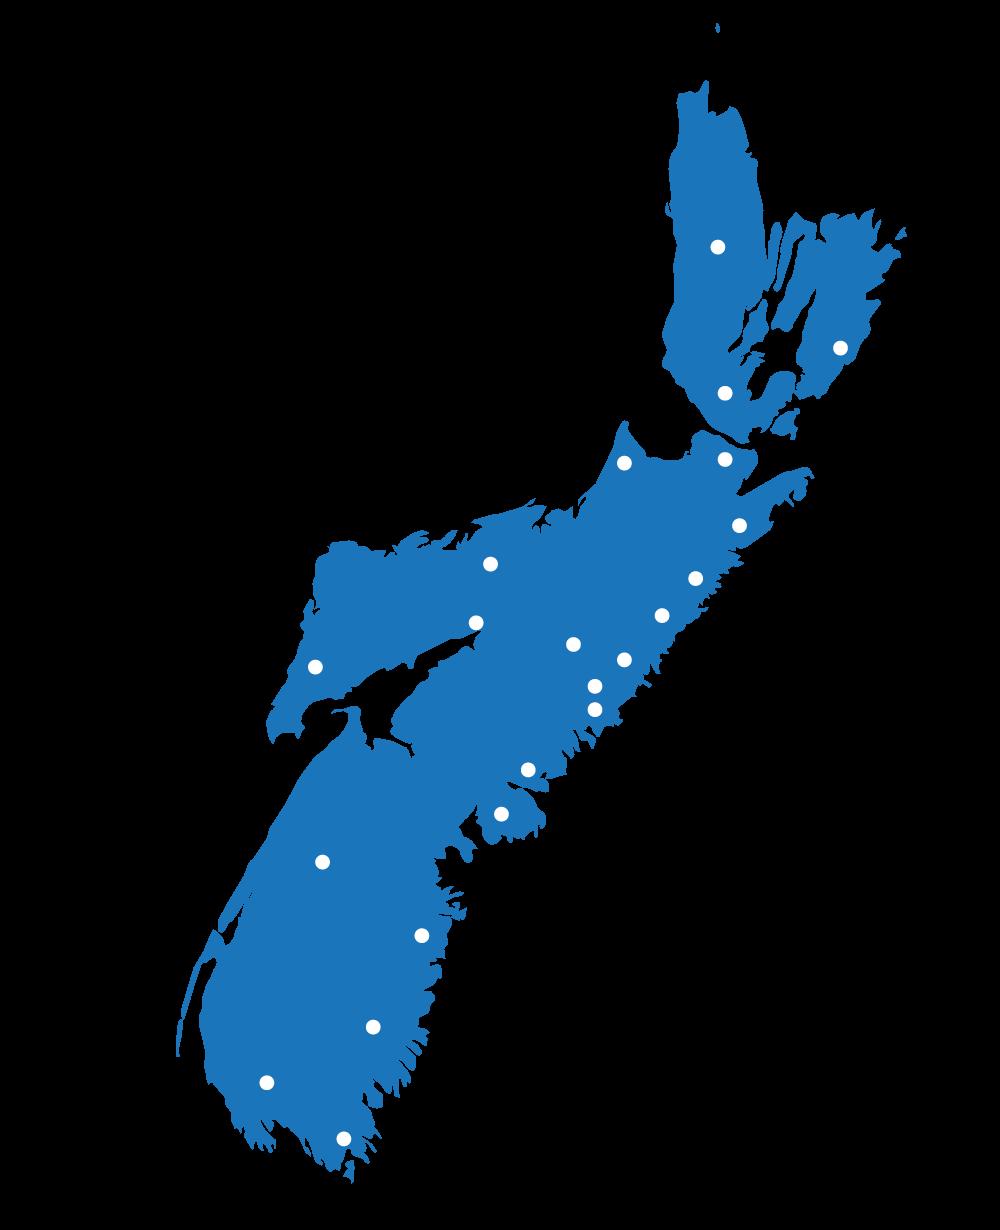 Nova Scotia Service Map